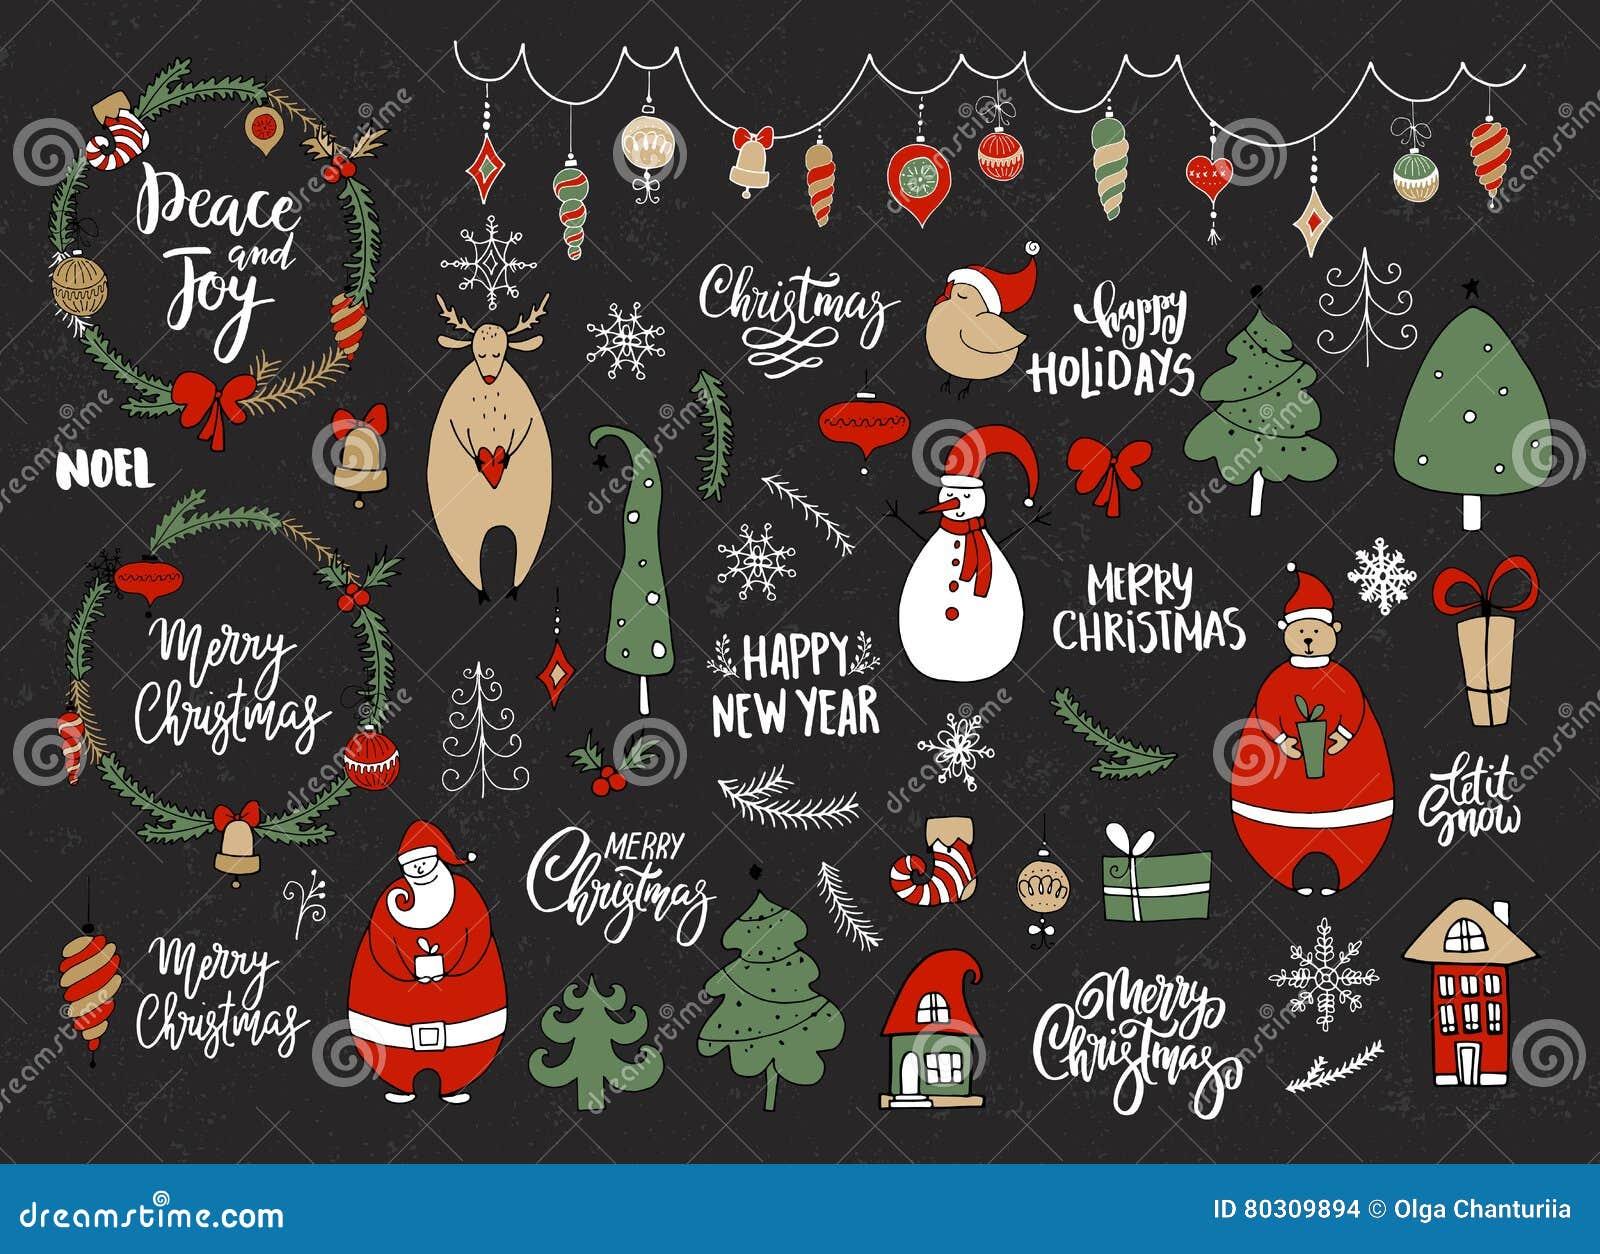 Satz Weihnachten Und Neues Jahr Kritzeln Feiertagscharaktere: Sankt ...